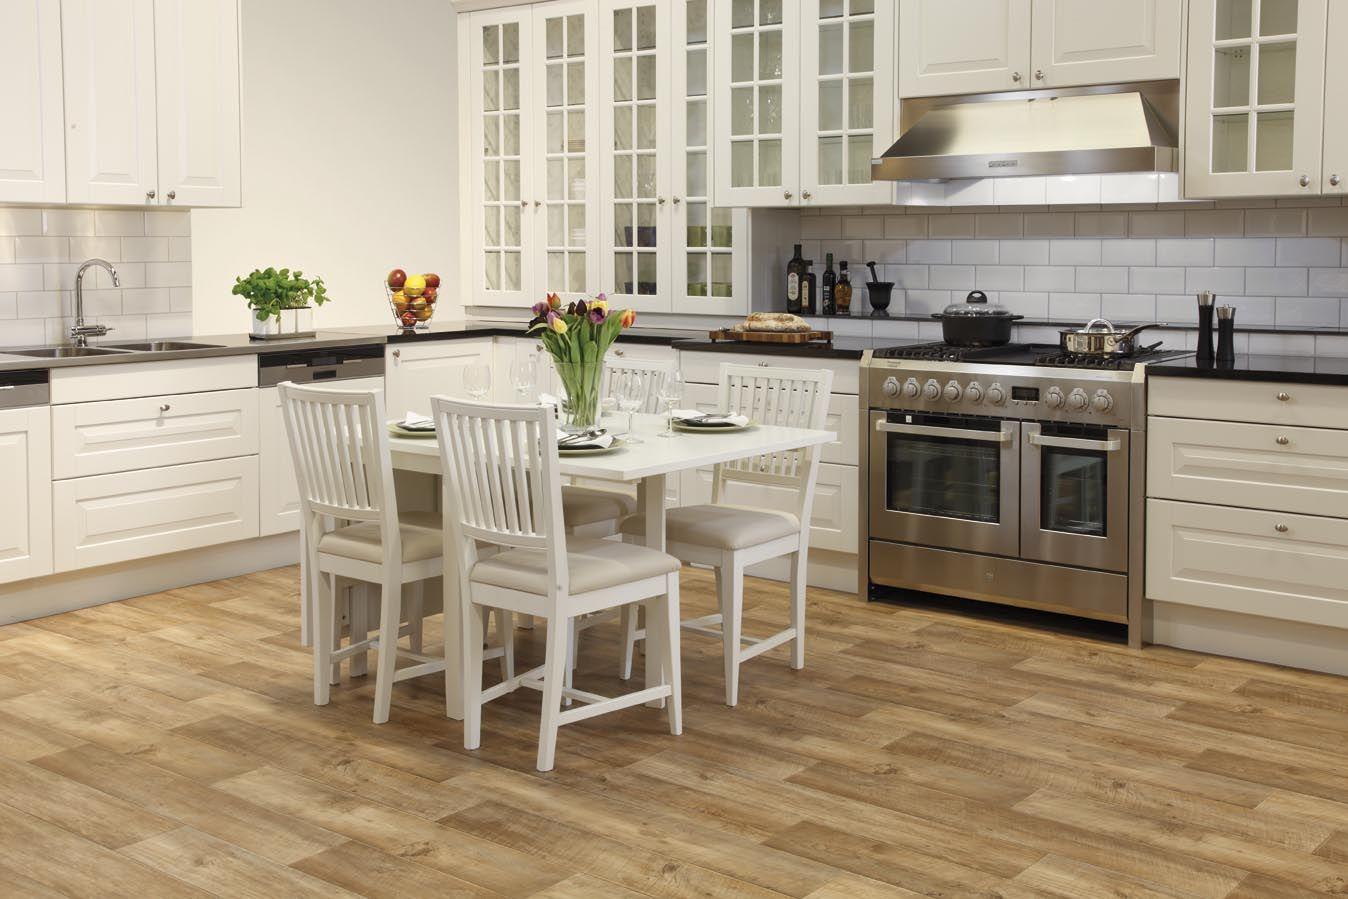 best flooring for kitchen Tarkett Authentic Beige vinyl